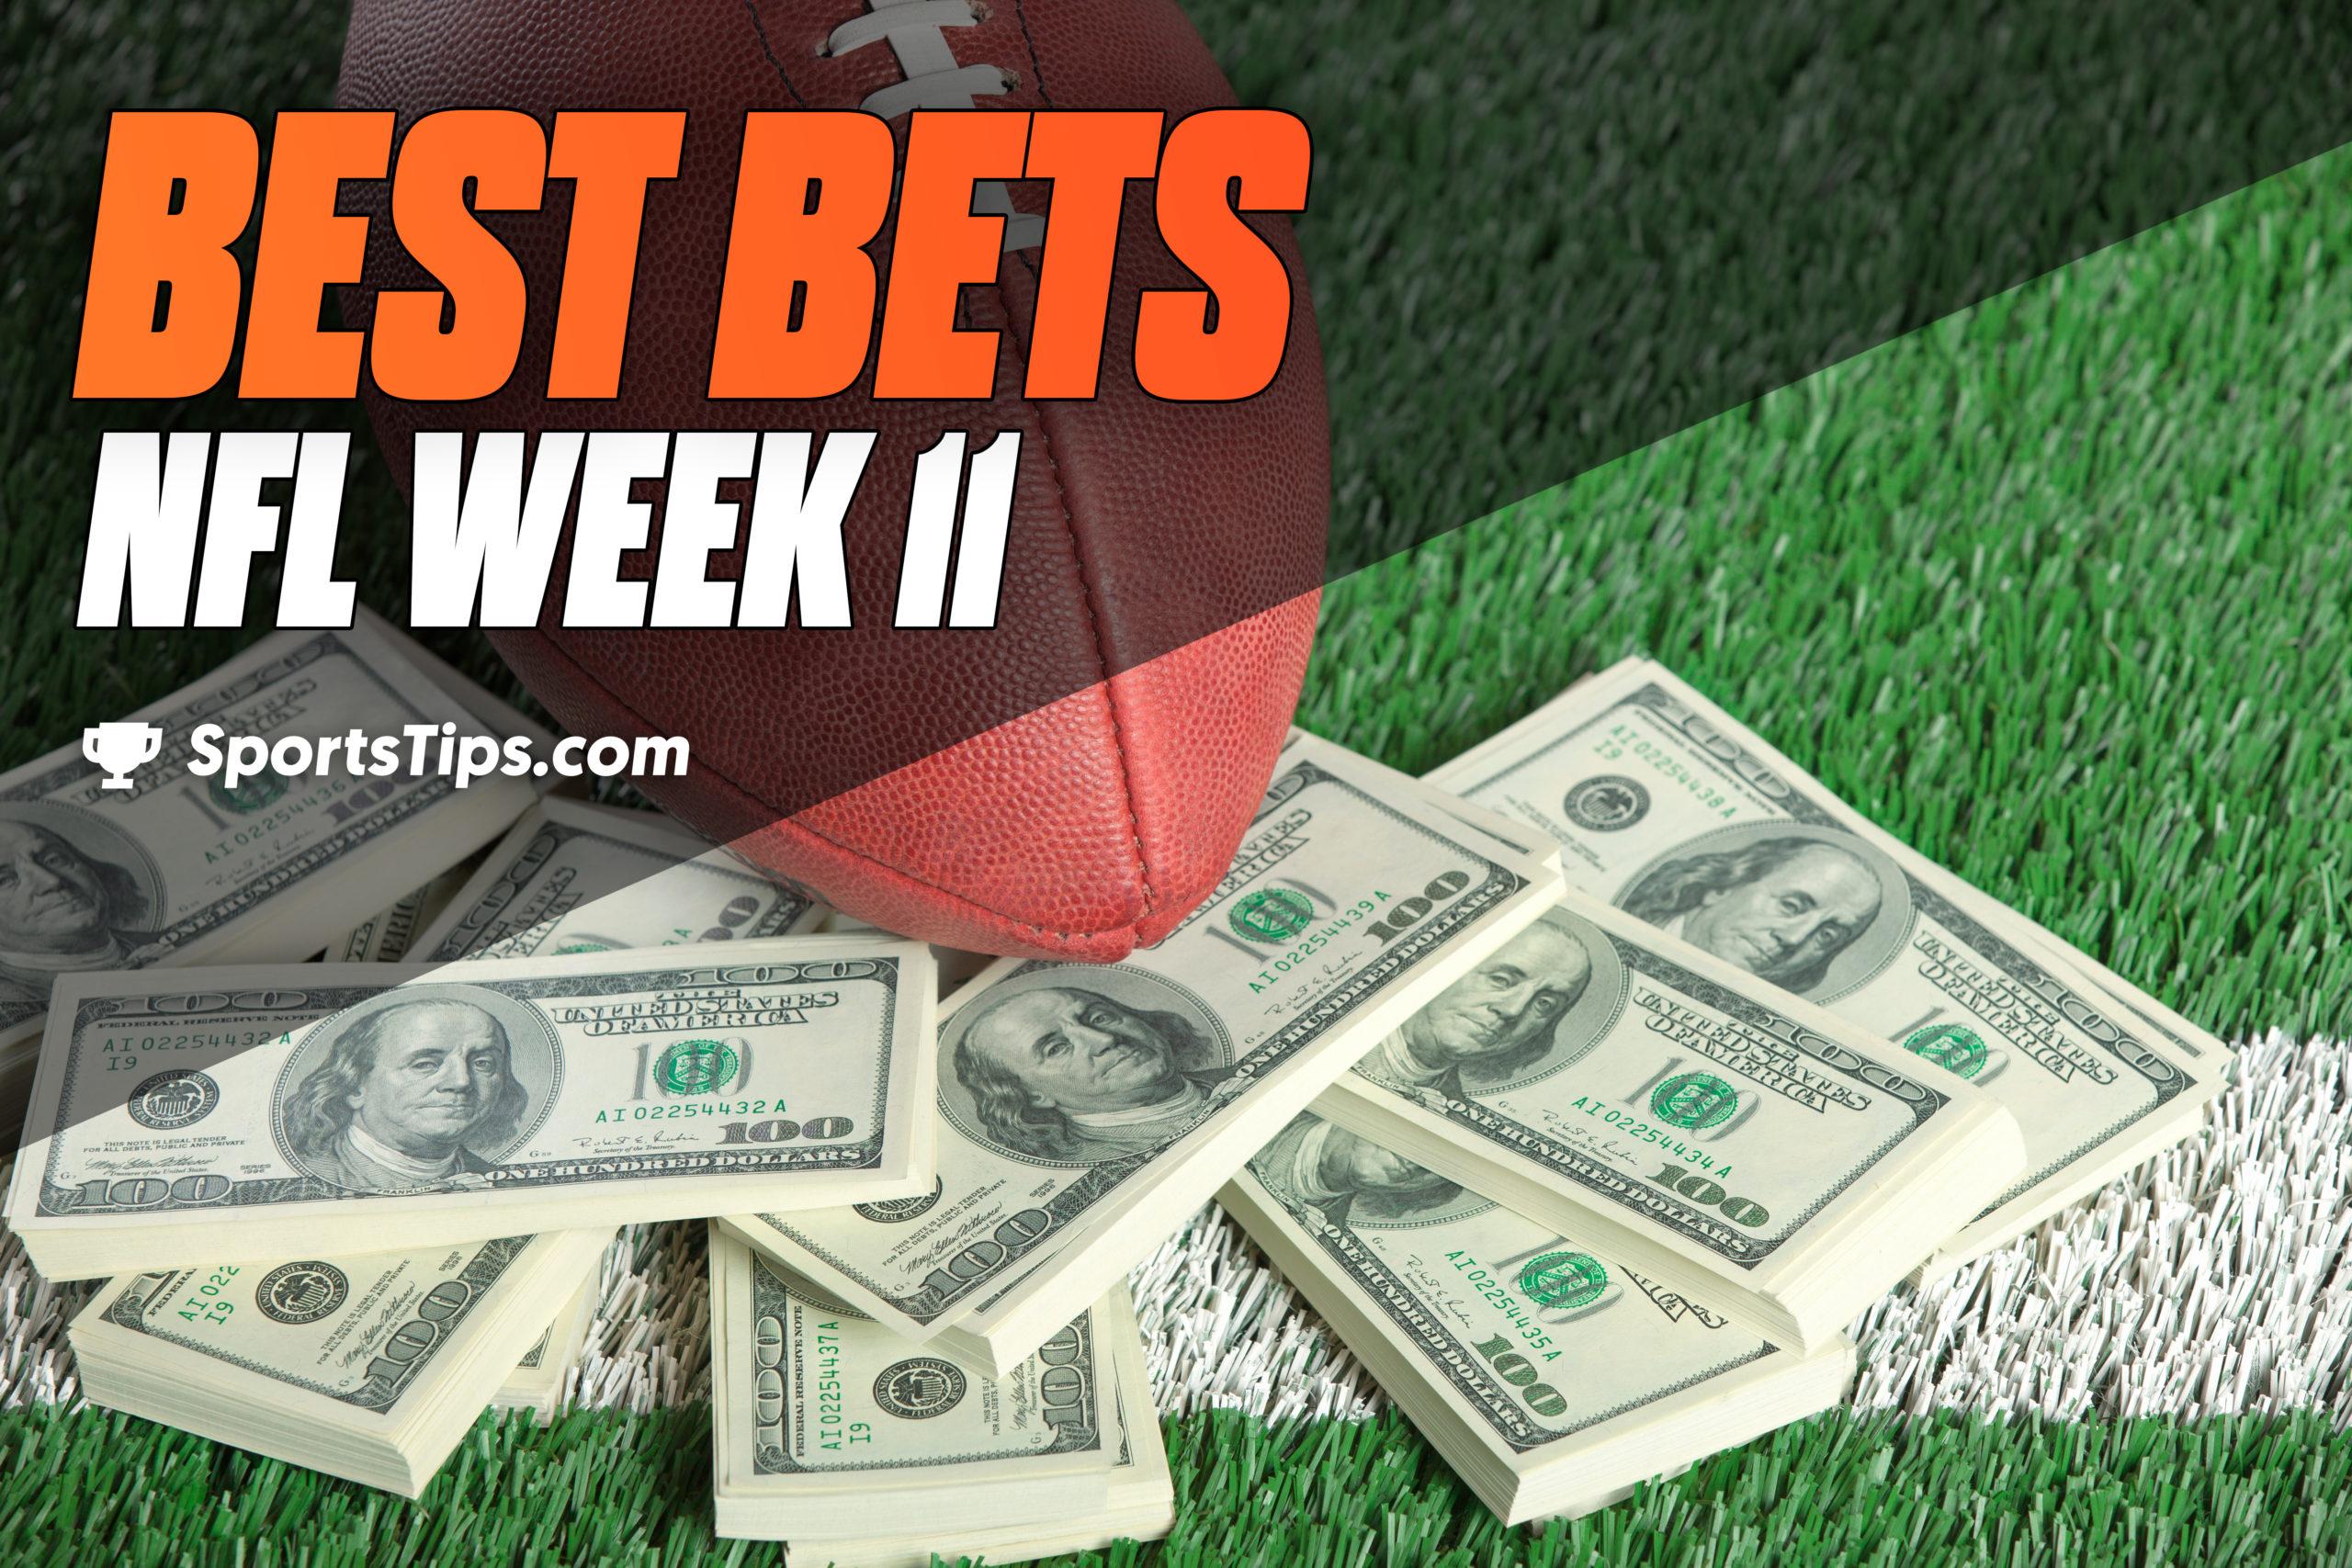 SportsTips' NFL Best Bets For Week 11